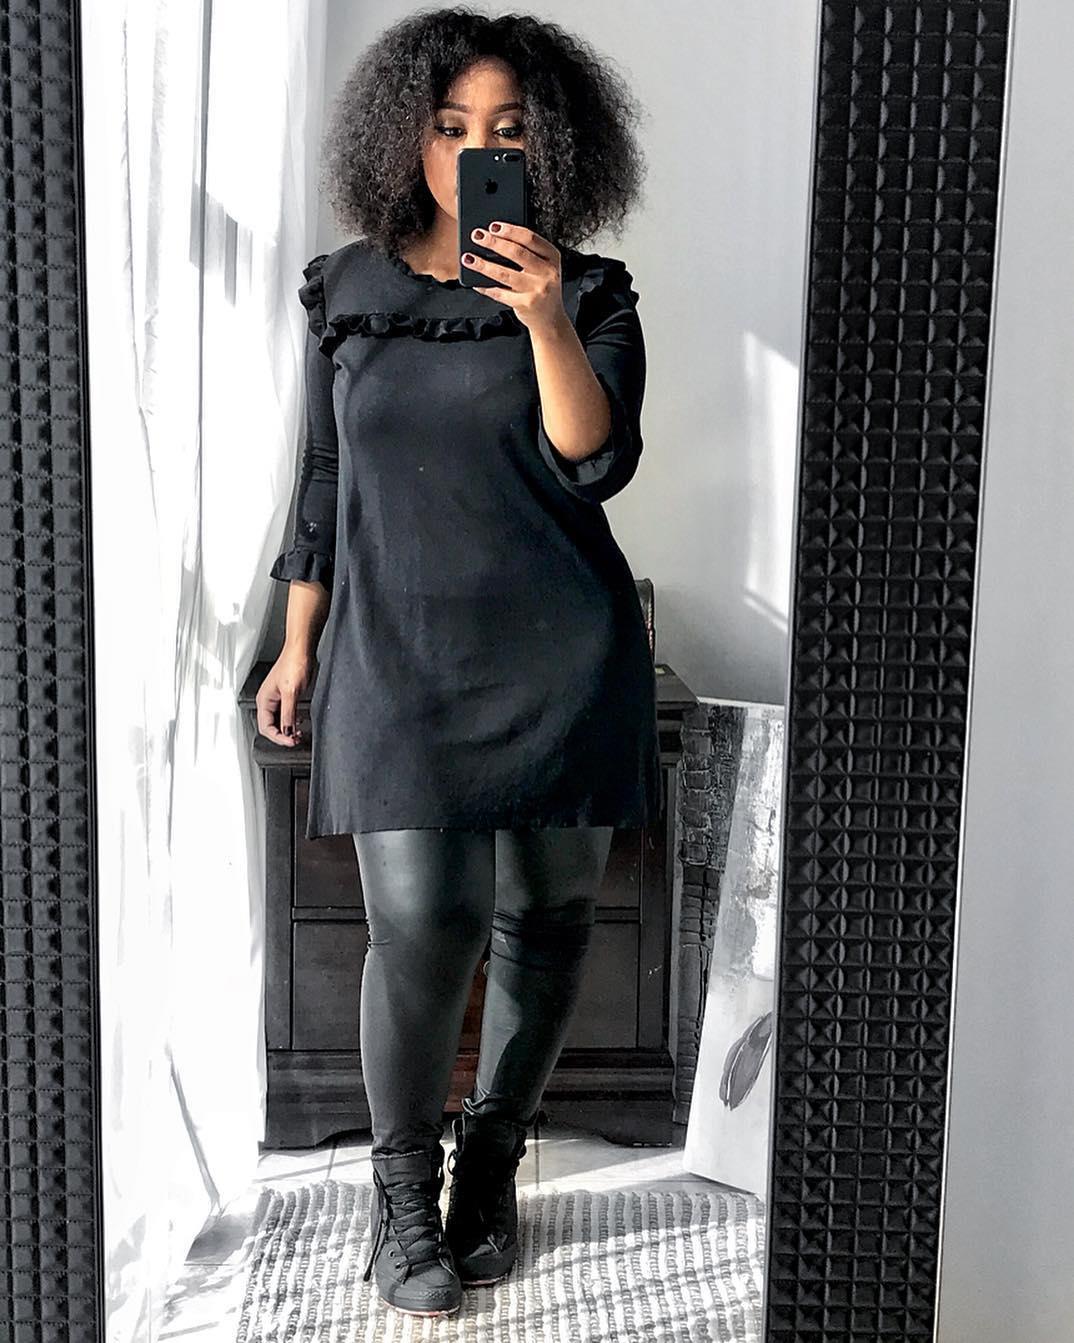 b9d38537aca Cute Black Dresses For Funerals